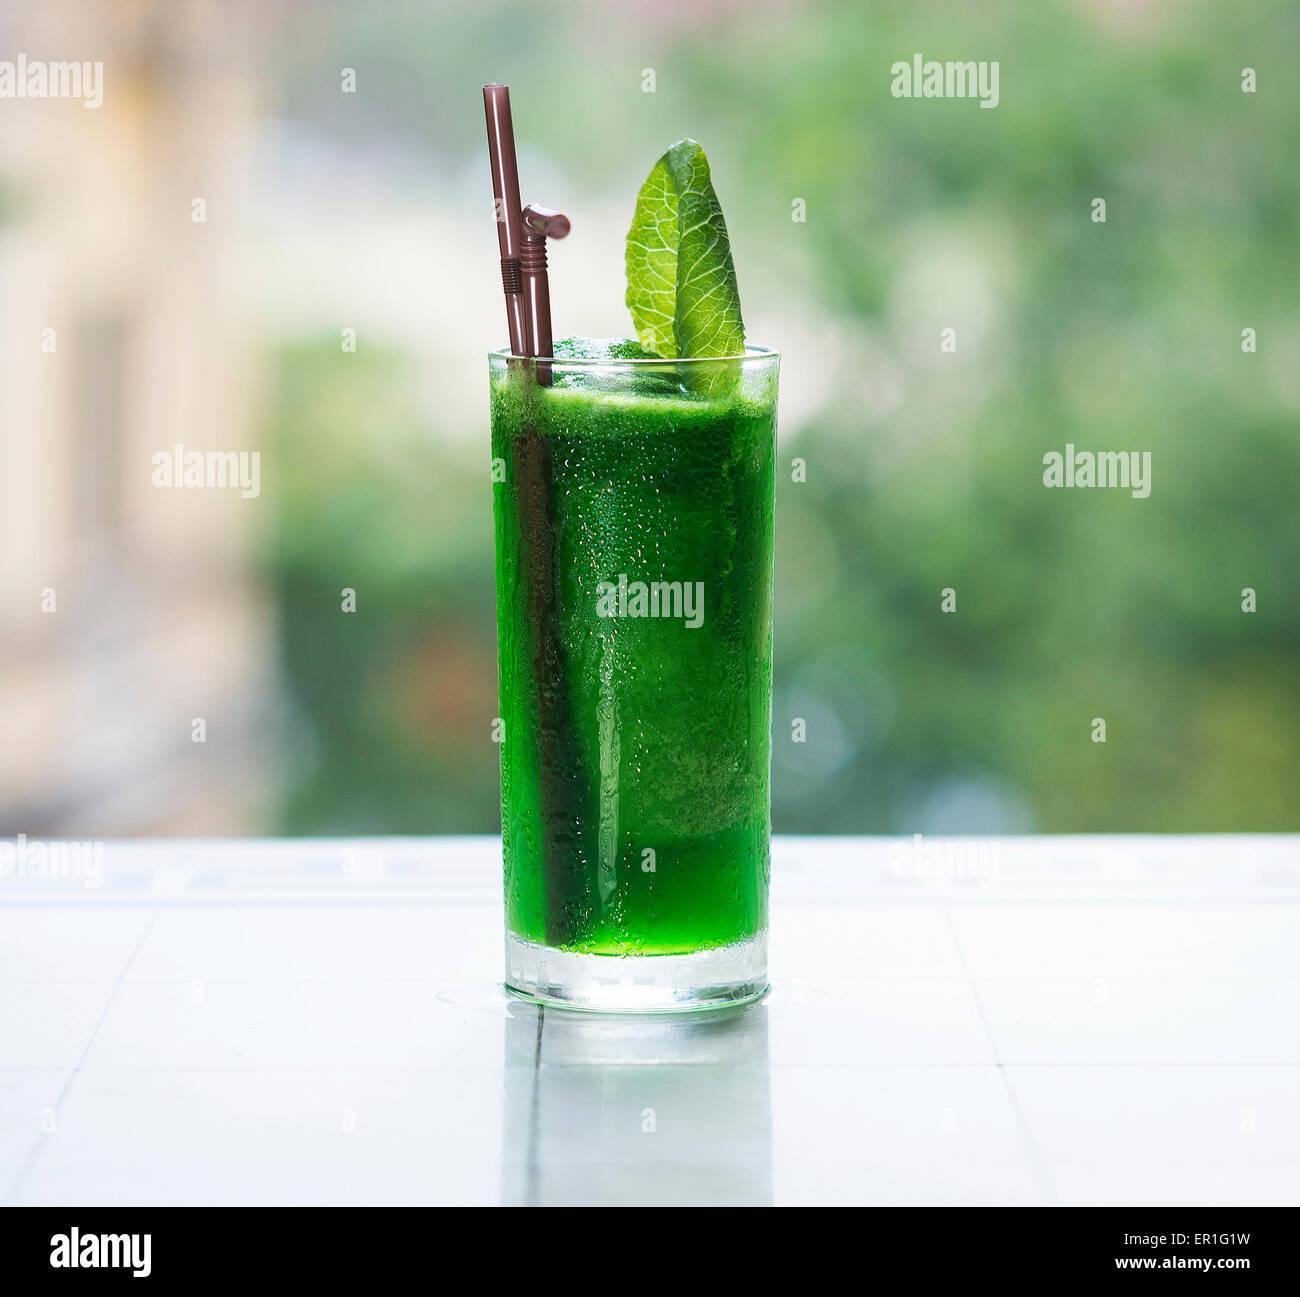 green vegetable detox juice outdoor - Stock Image